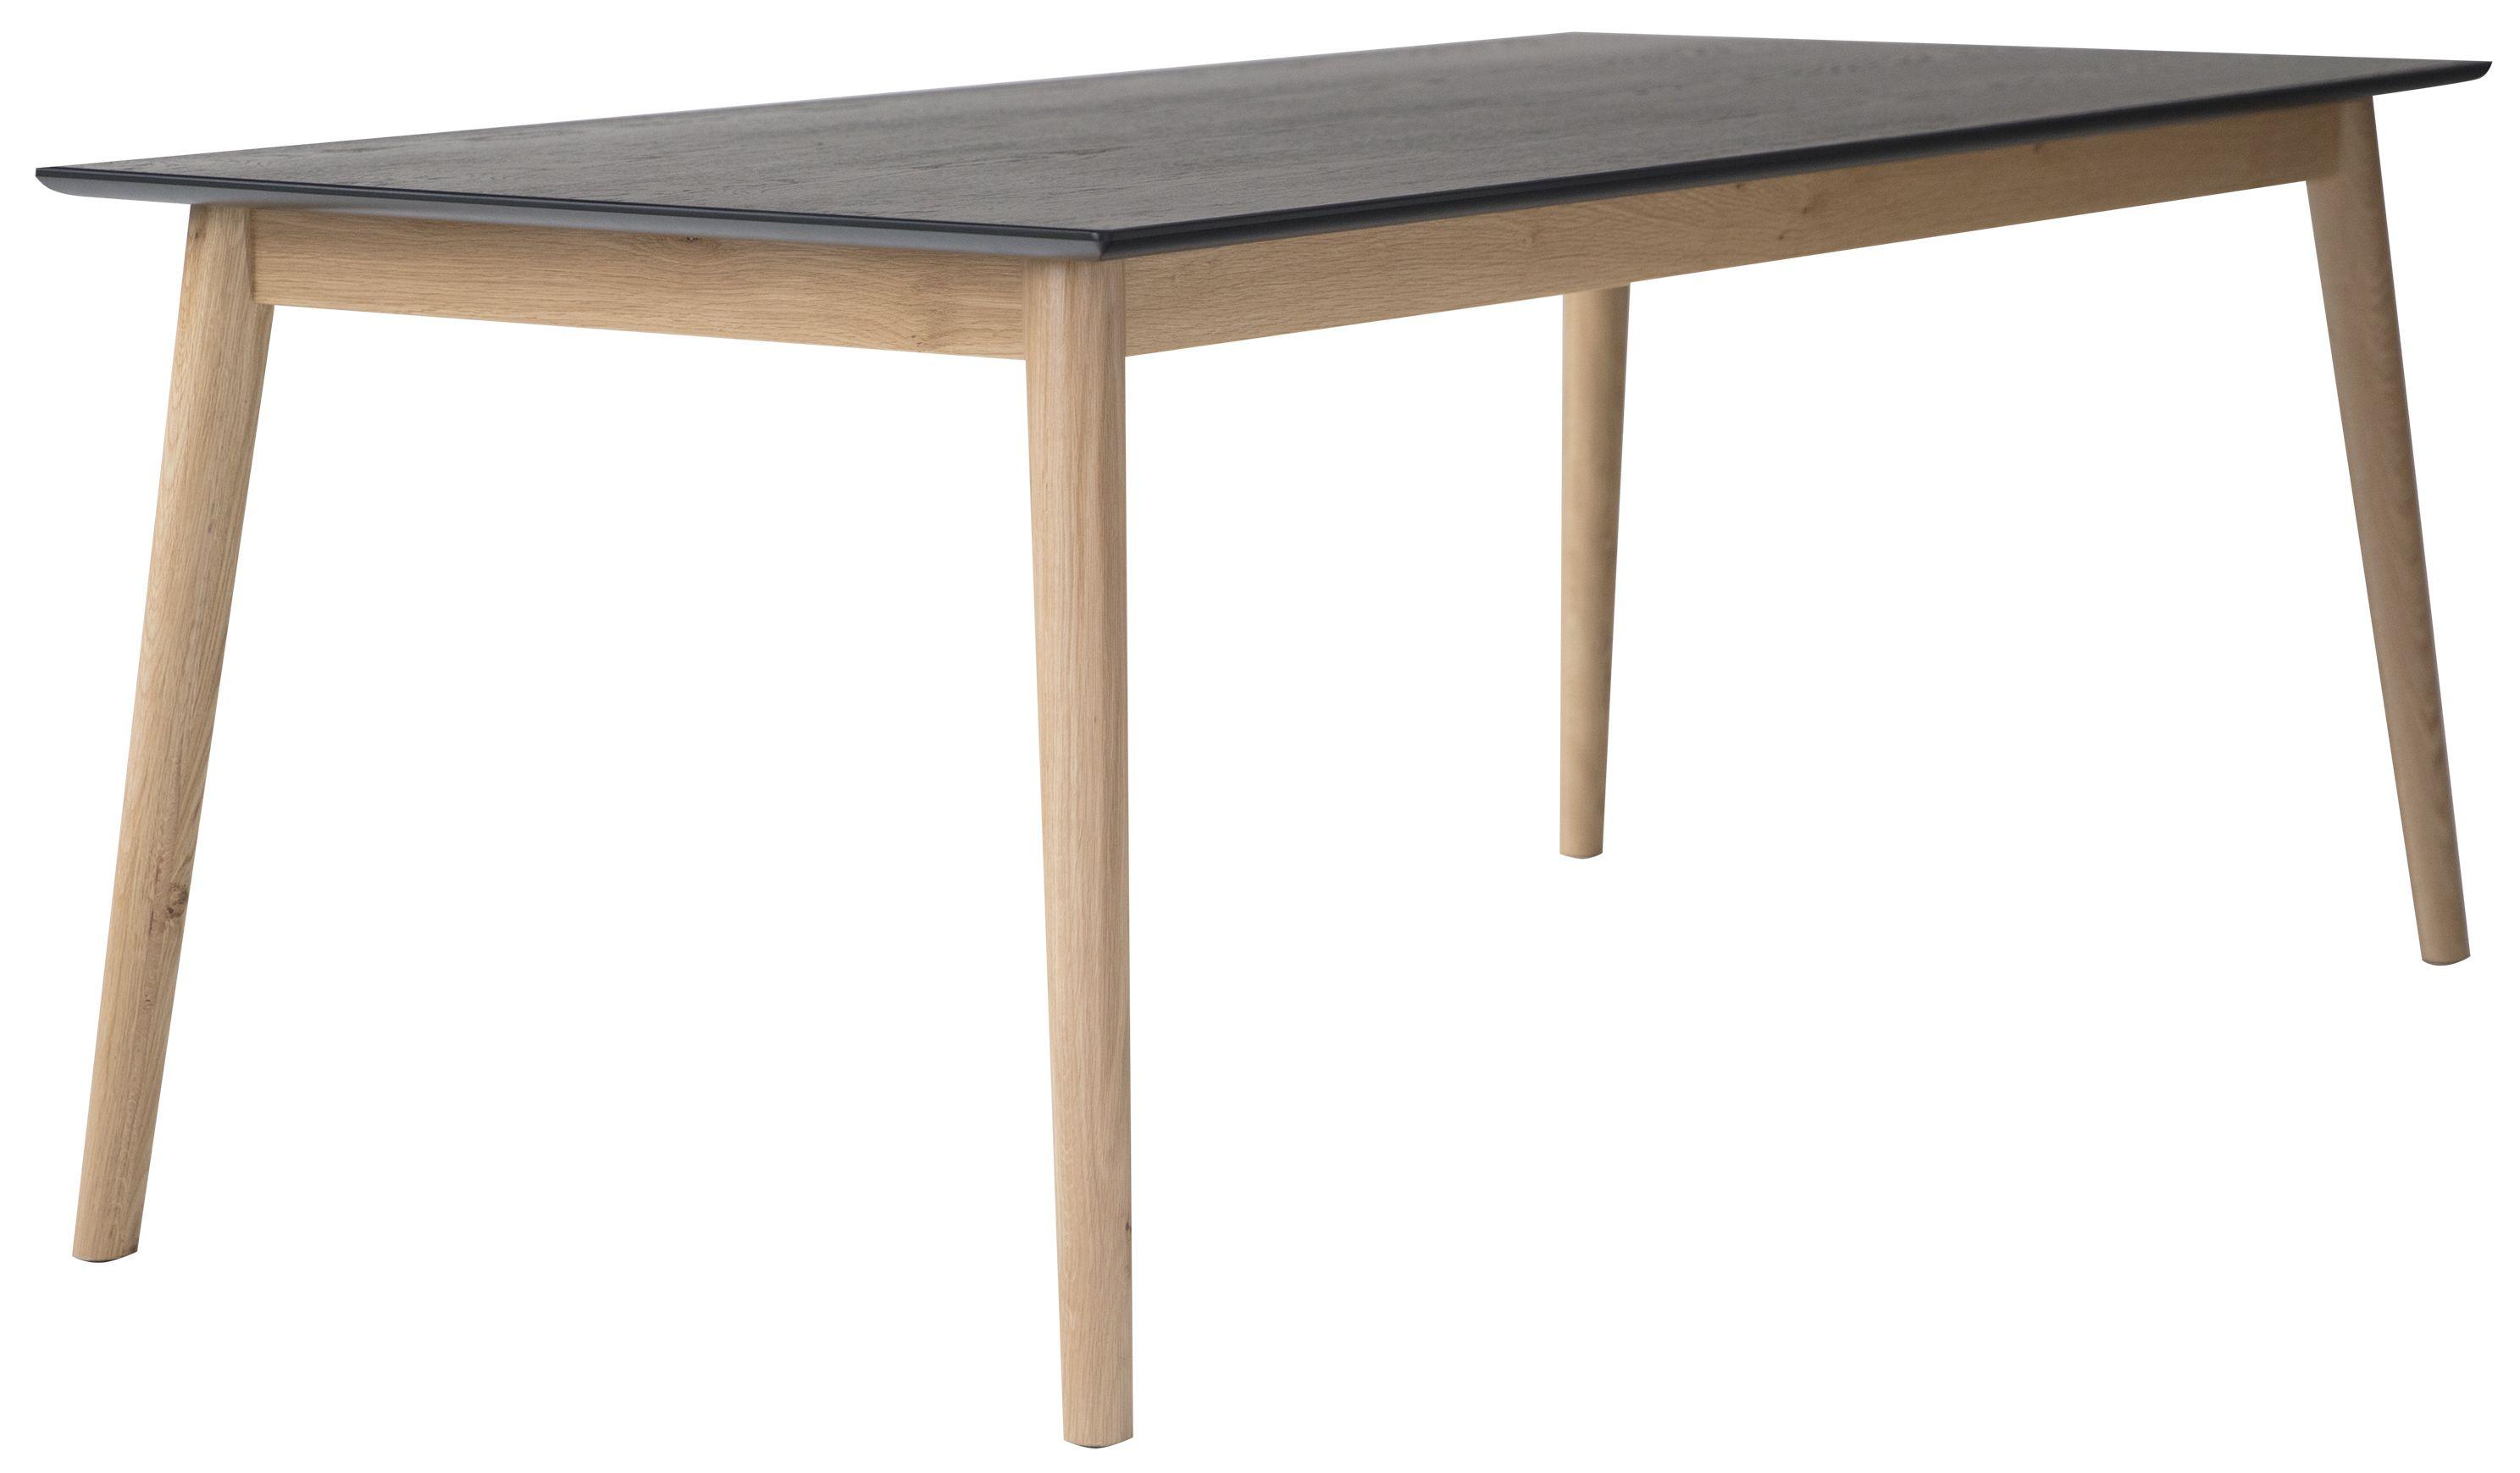 Eelis Ruokapöytä 145*85 Tammi musta/luonnonväri